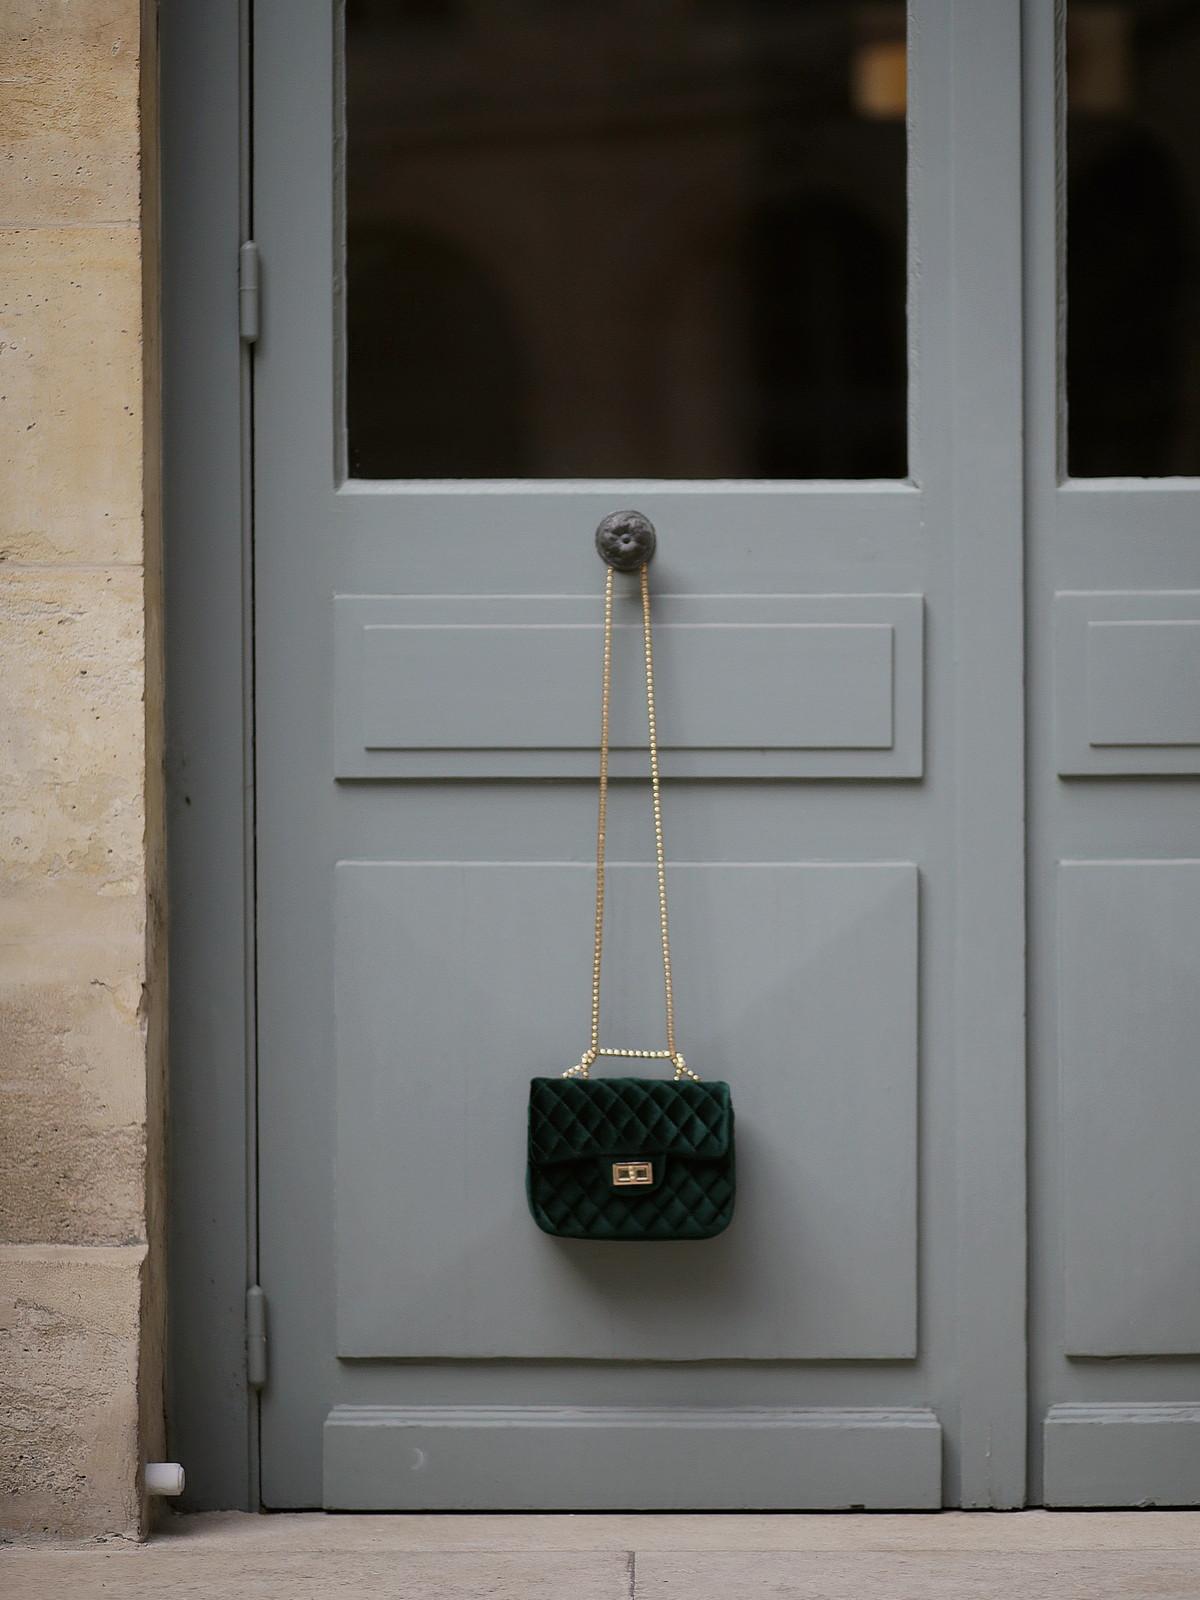 sac vert velours - green velvet bag - shein - du style madame